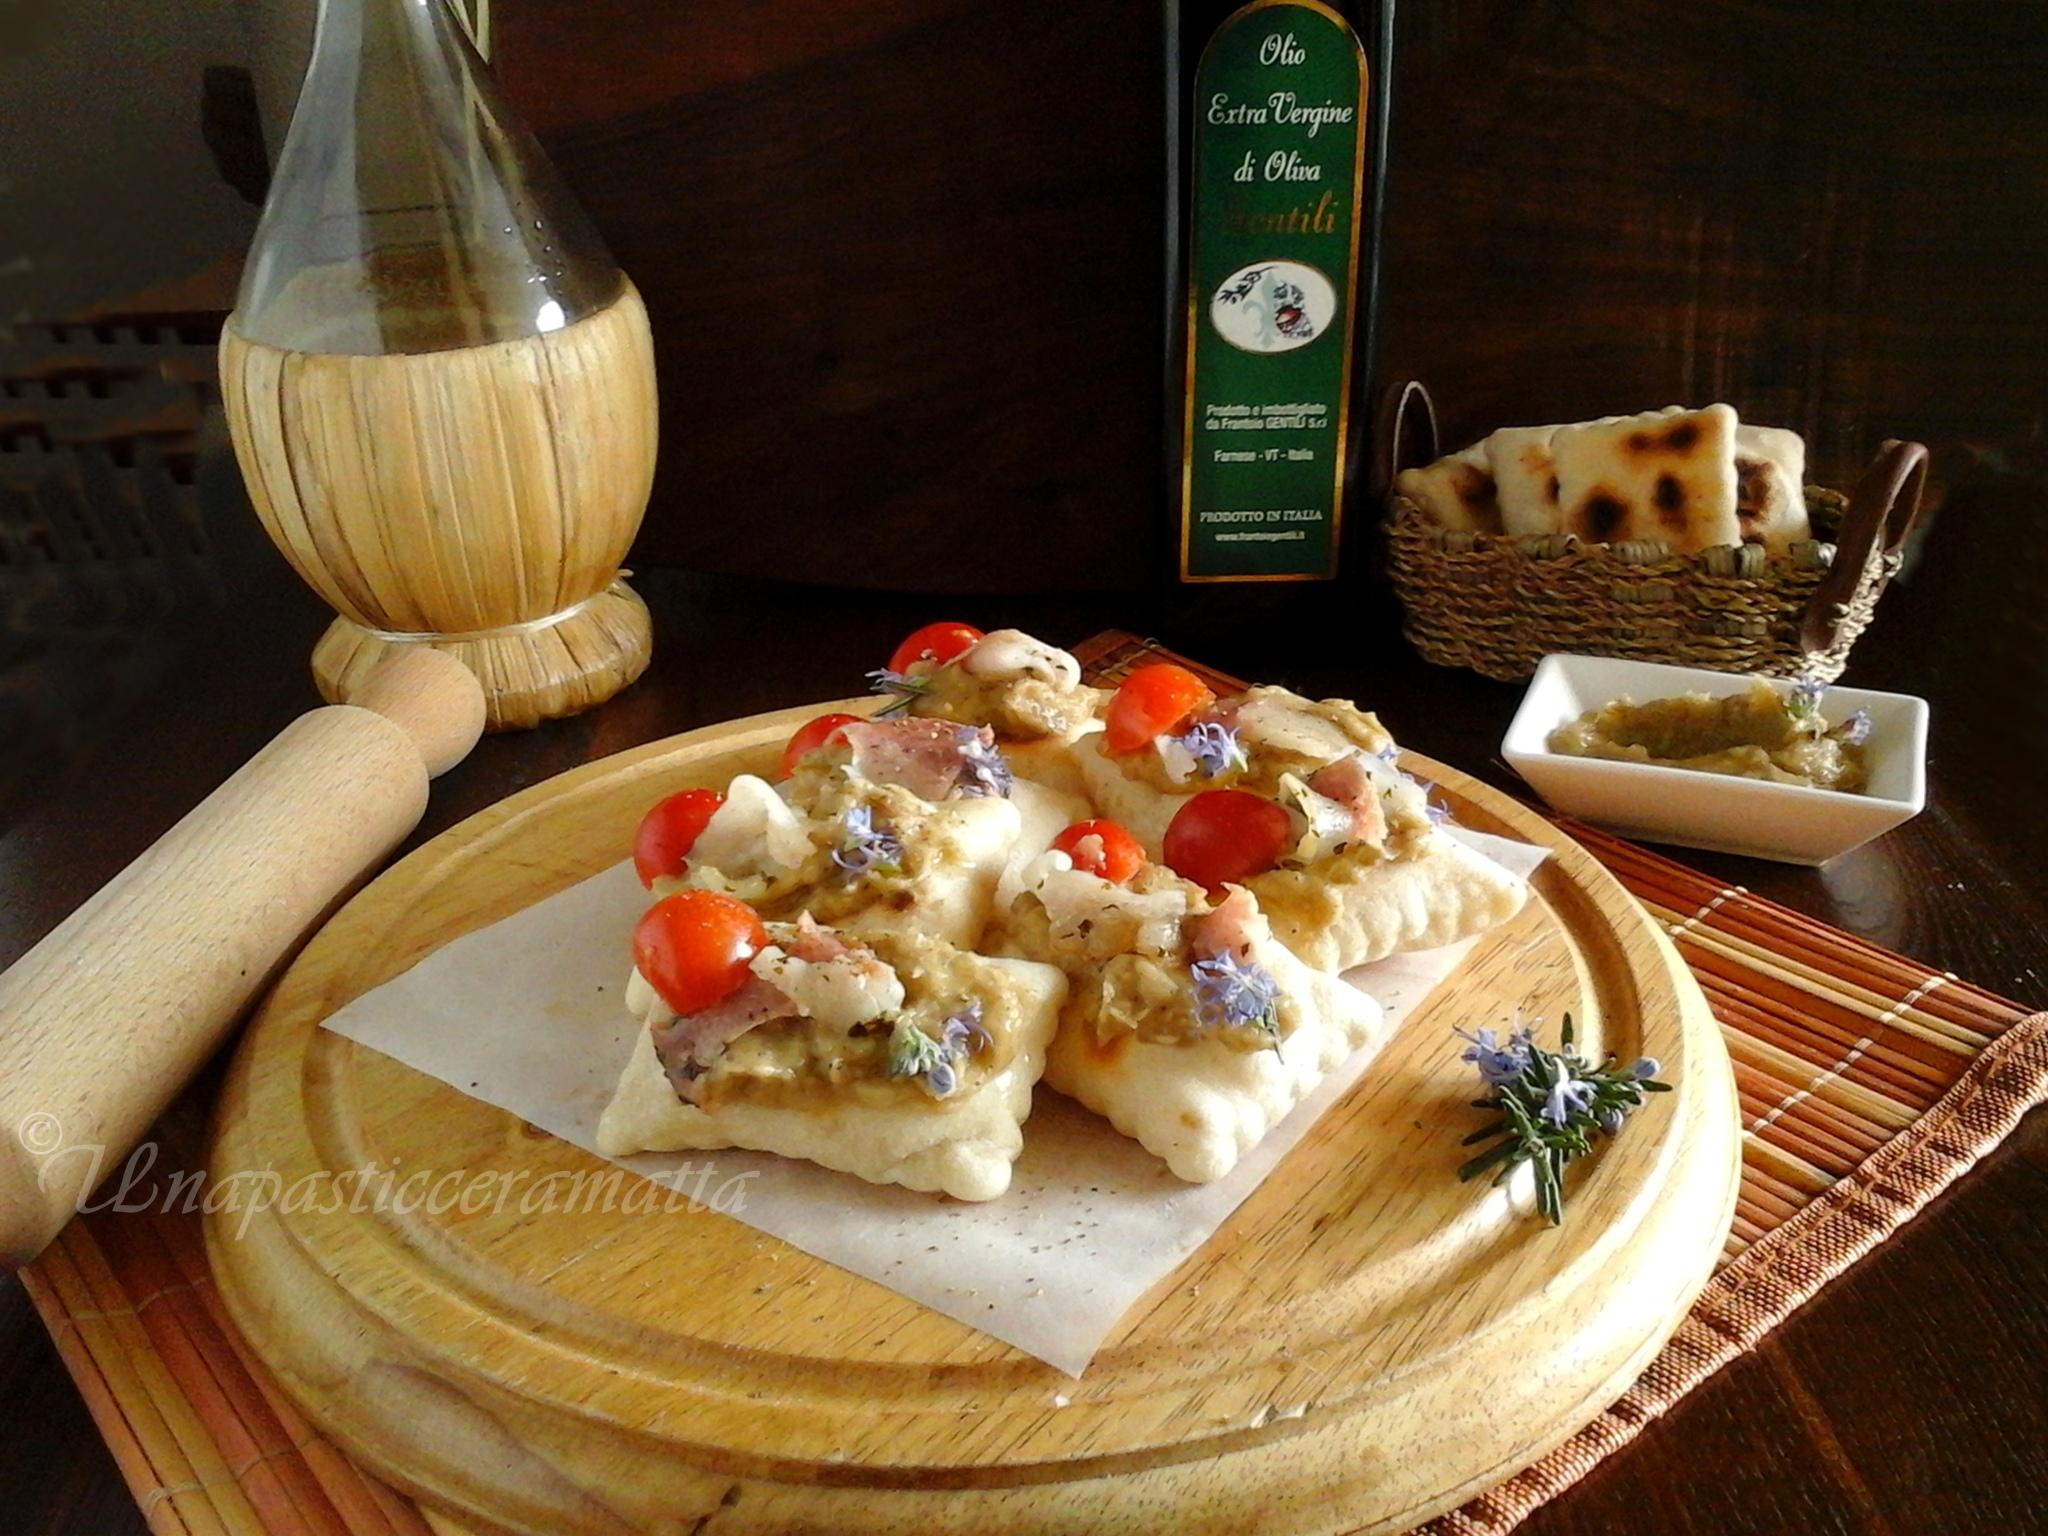 Tigelle con pasta madre, crema di melanzane e lardo di Colonnata CLICCA SOTTO PER LA RICETTA ↓↓↓ http://blog.giallozafferano.it/lapasticceramatta/tigelle-con-pasta-madre-crema-di-melanzane-e-lardo-di-colonnata/